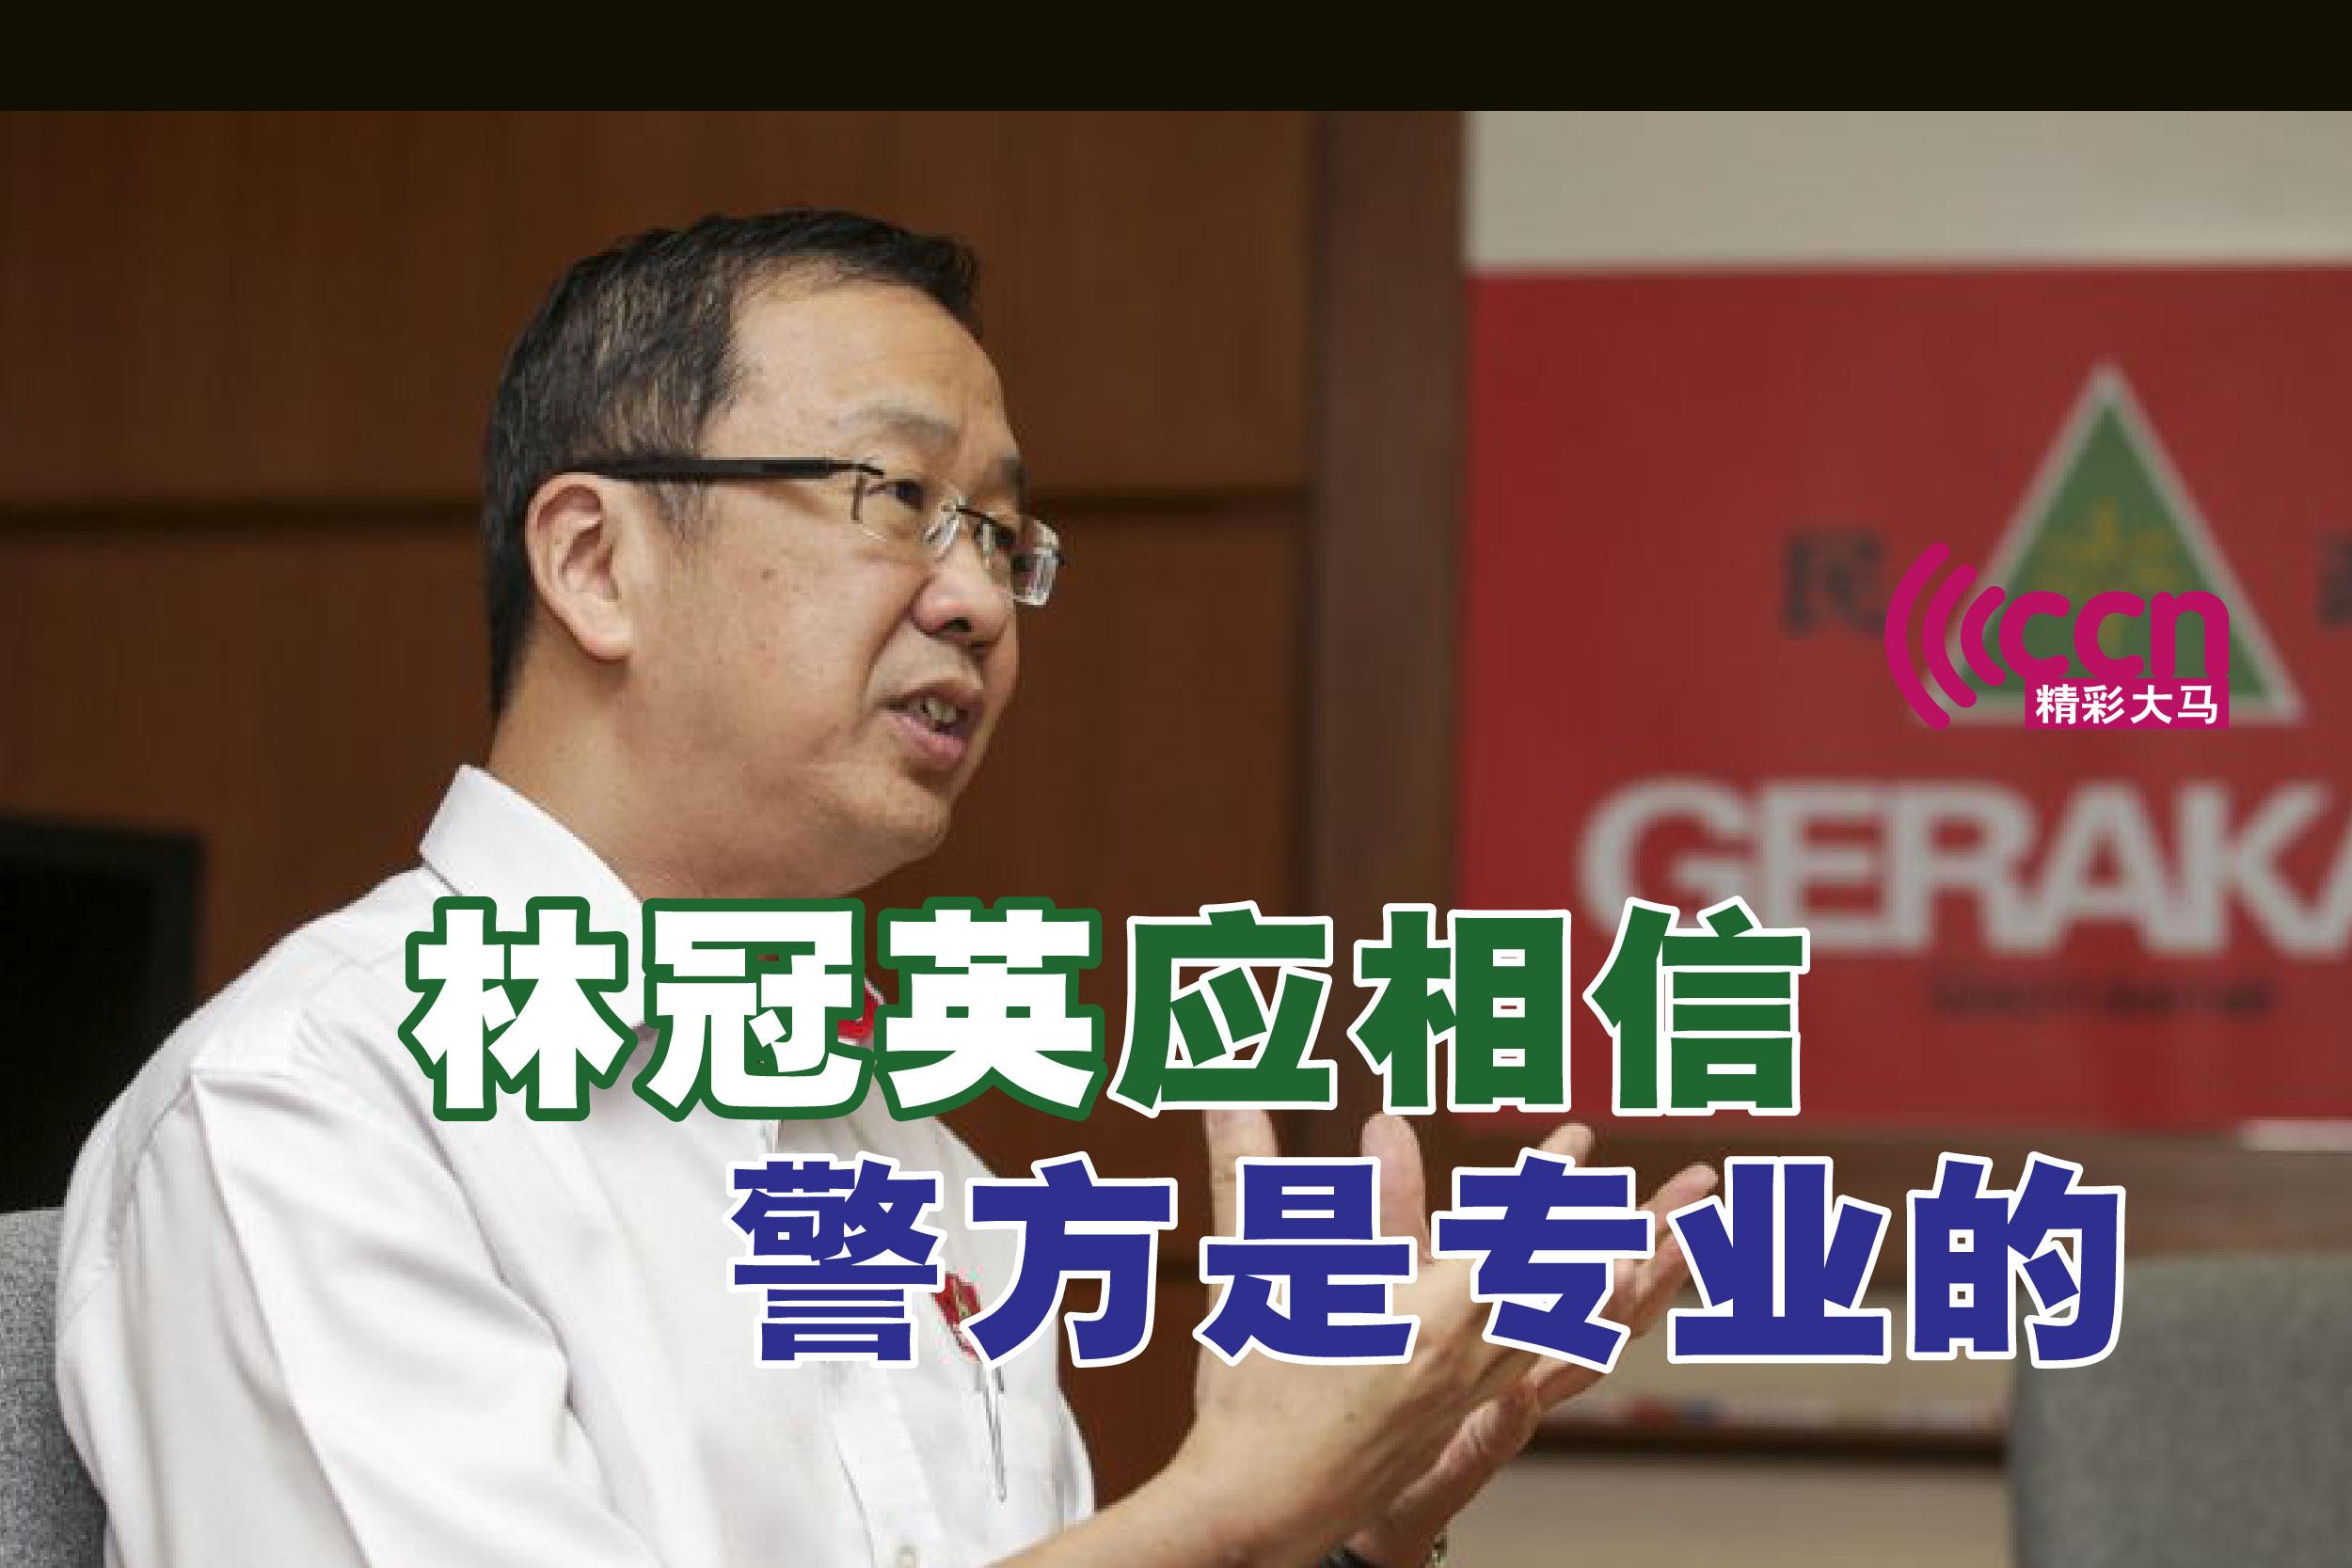 刘华才要求警方严正调查州议员被指涉及淡米尔之虎的案件,避免大马政坛被恐怖主义入侵。-精彩大马-